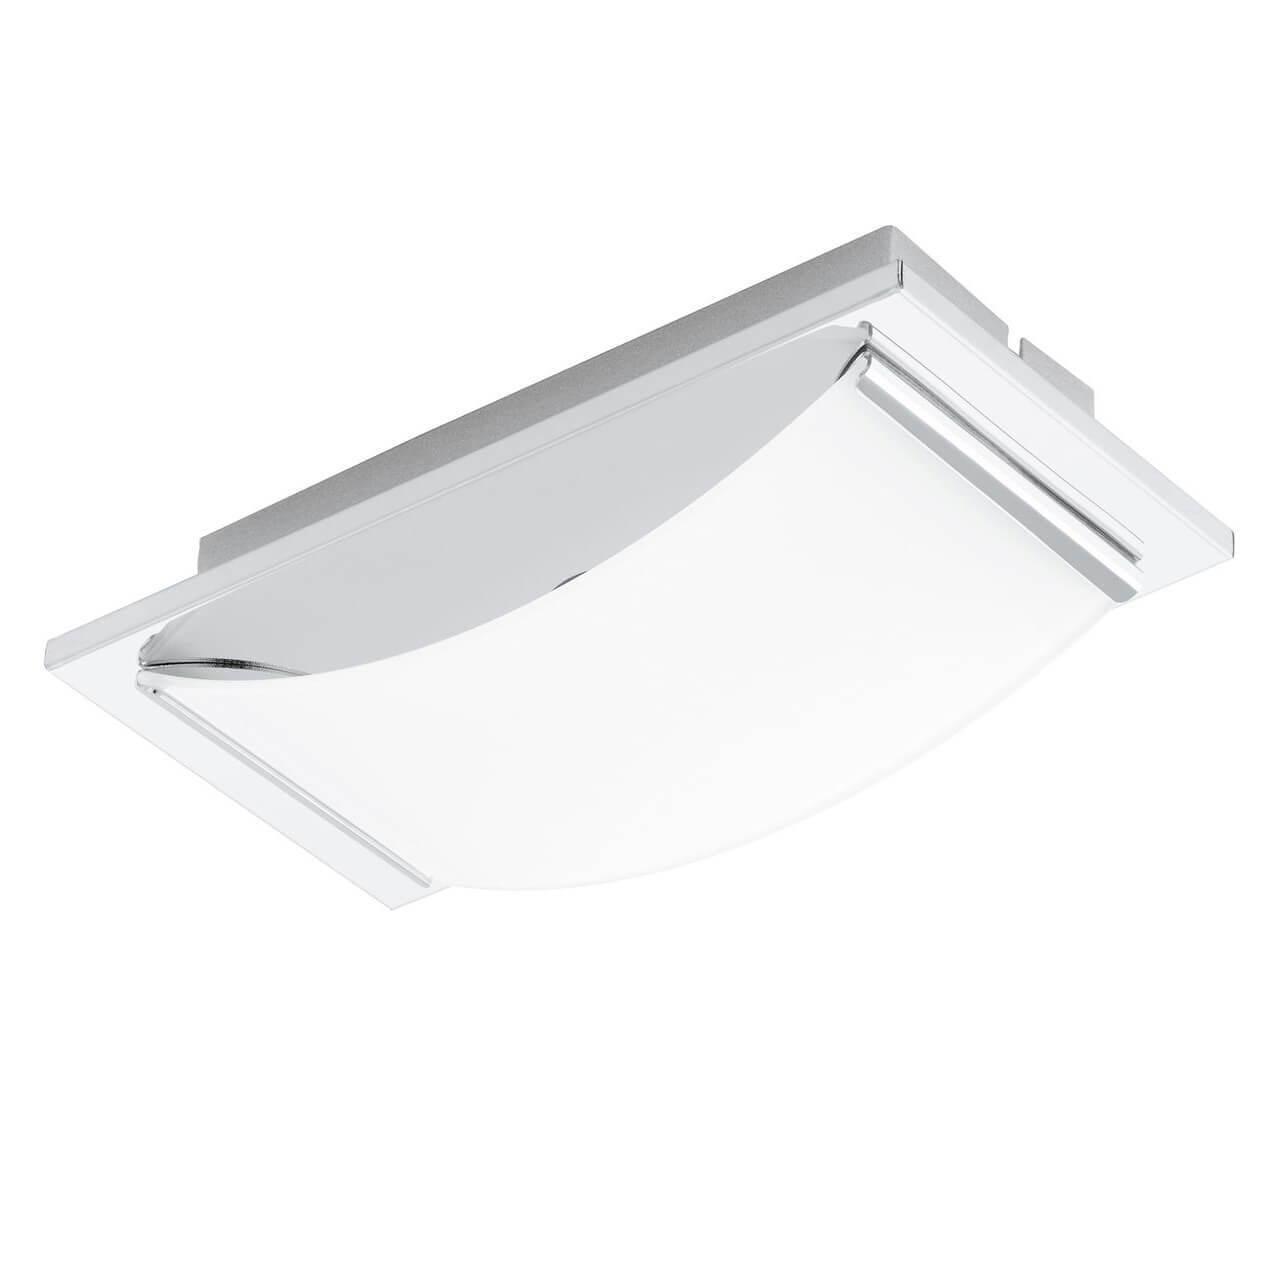 Настенно-потолочный светильник Eglo 94465, LED, 5.4 Вт